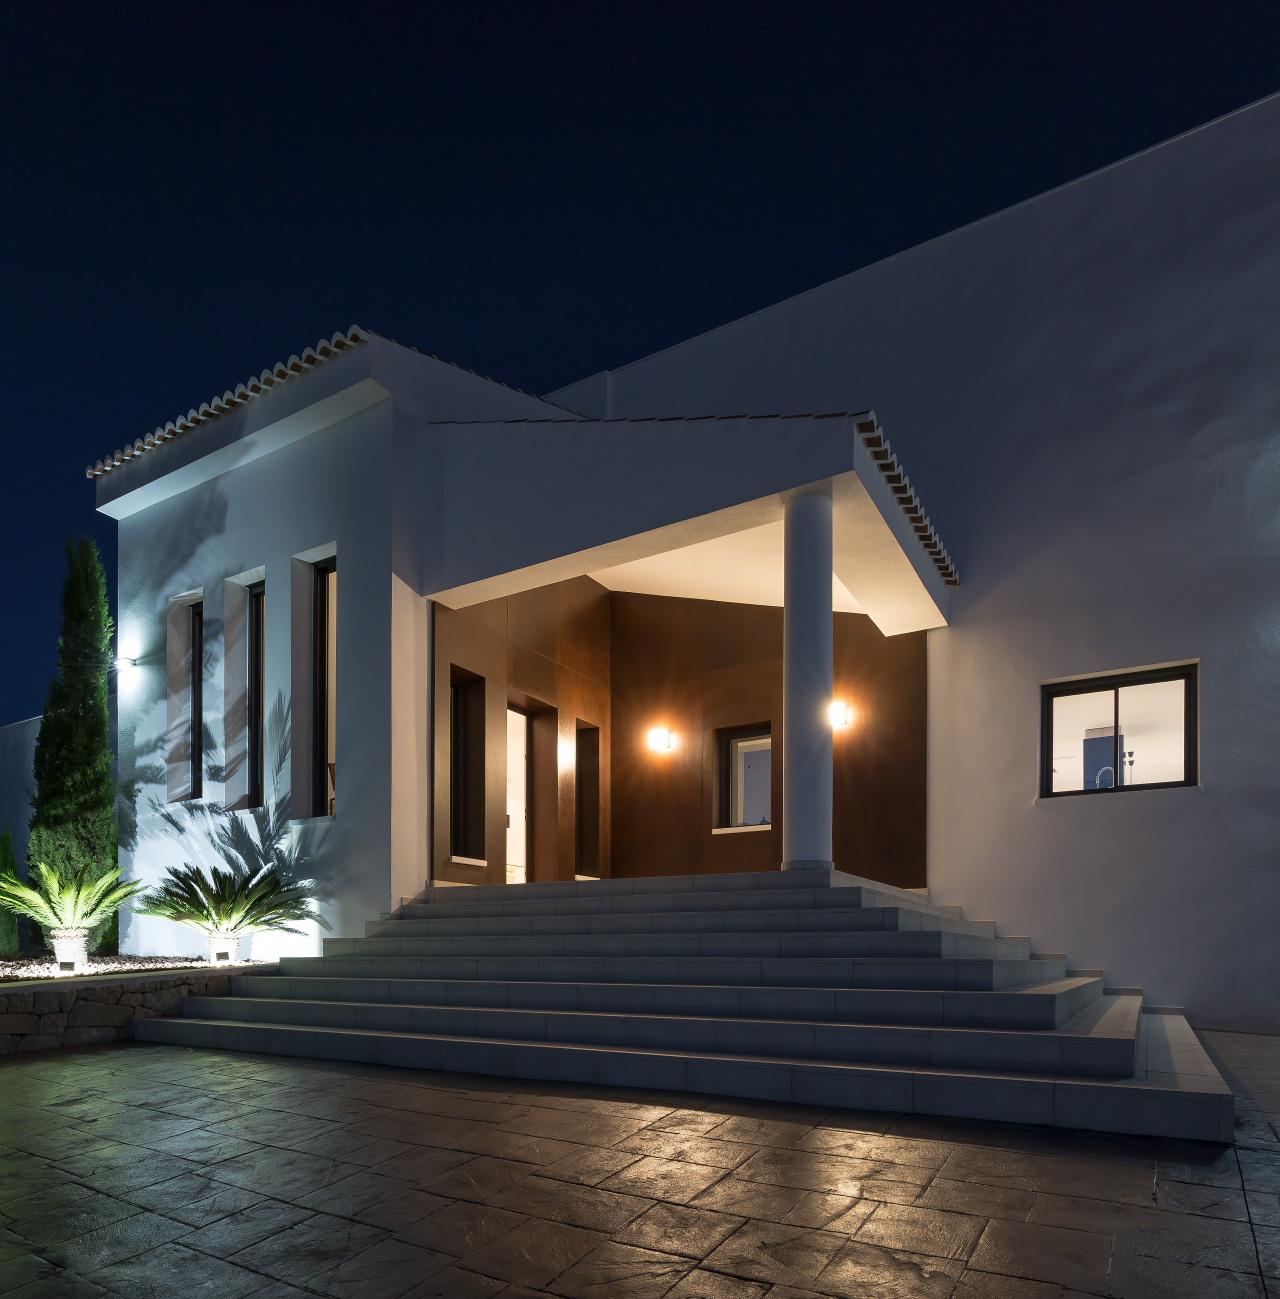 fotografia-arquitectura-interiorismo-valencia-alicante-moraira-german-cabo-laura-yerpes (50)